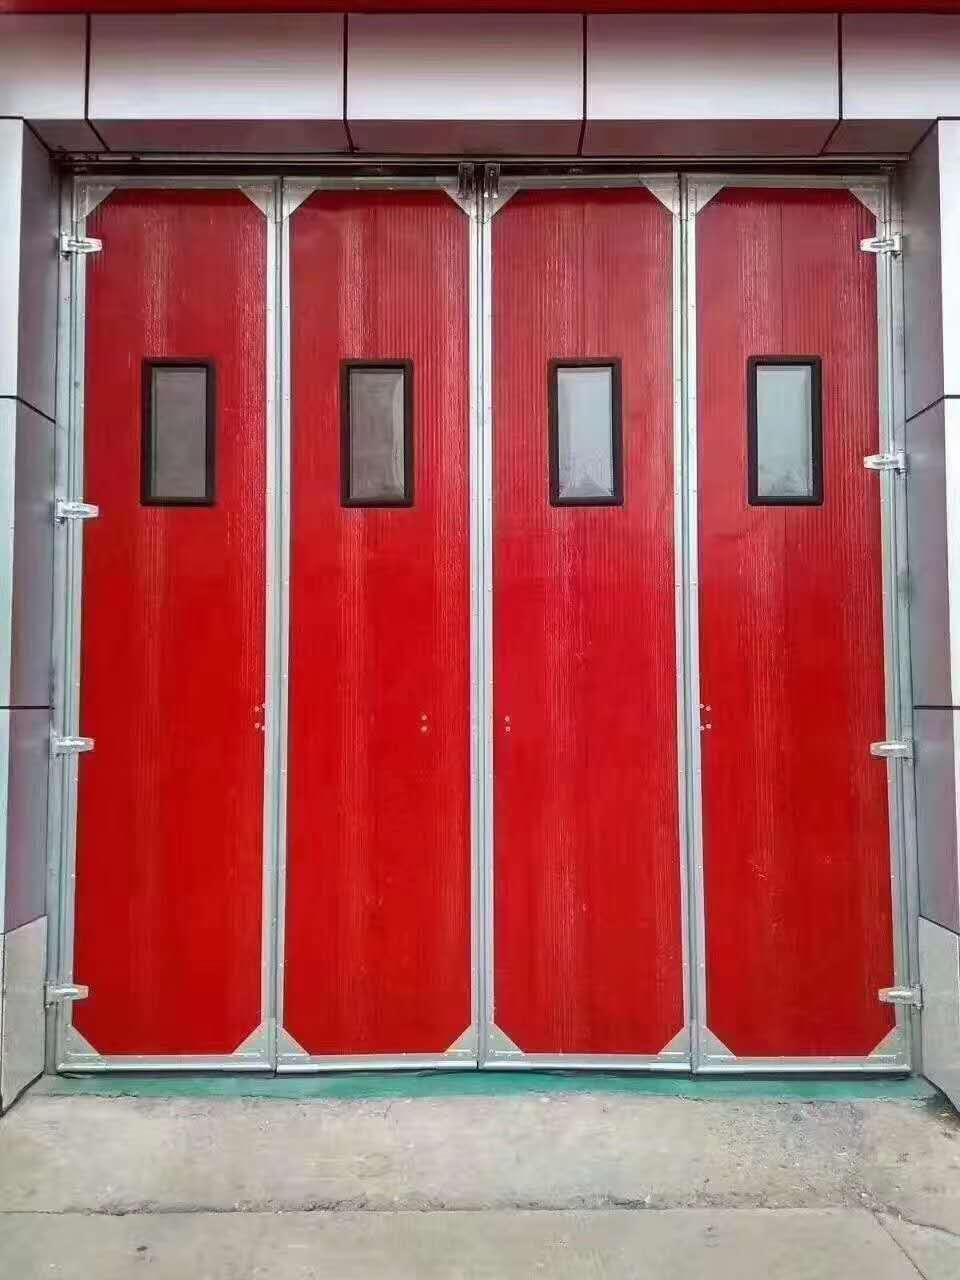 甘肃酒泉折叠大门 电动折叠门 折叠大门 厂家 厂房折叠大门